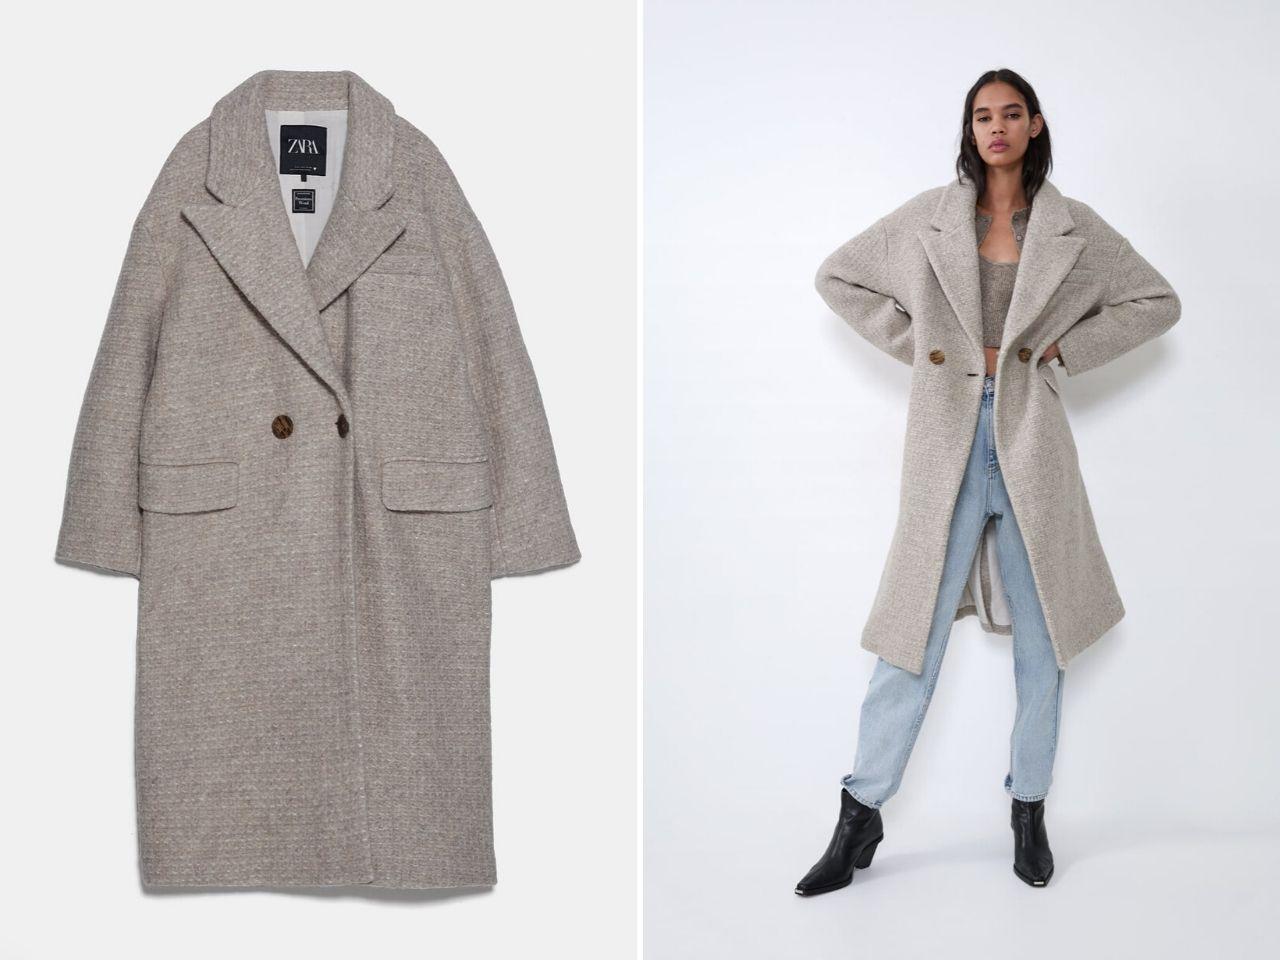 áo khoác len pha zara - áo khoác thu đông